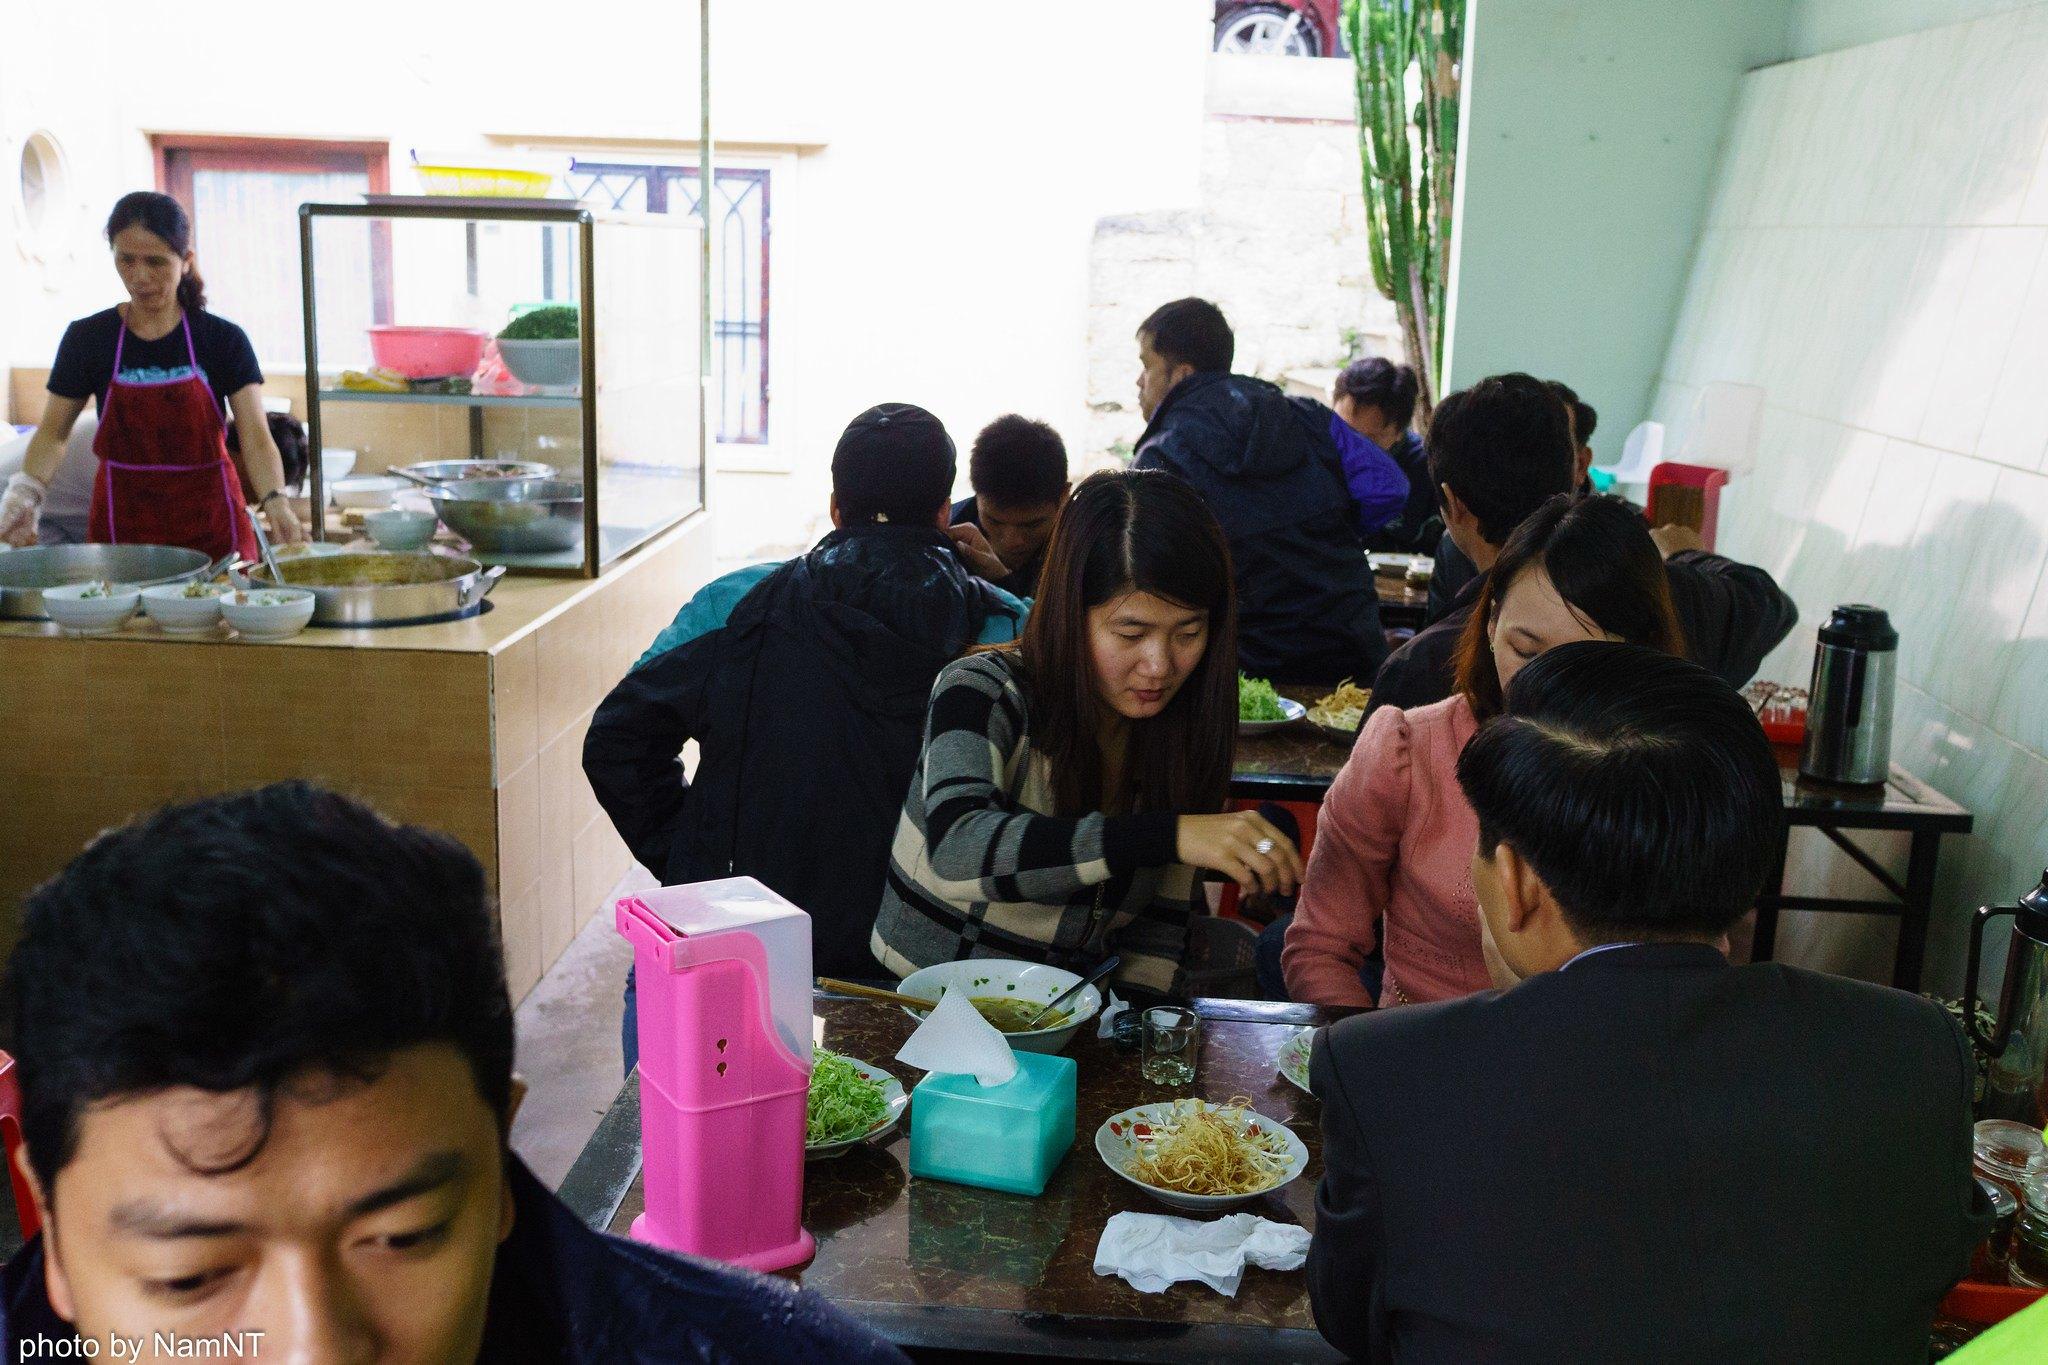 19359261298 a2125f3b27 k - [Phượt] - SG-Cổ Thạch- Nha Trang- Đà Lạt: ngàn dặm mua hạt é cho người thương